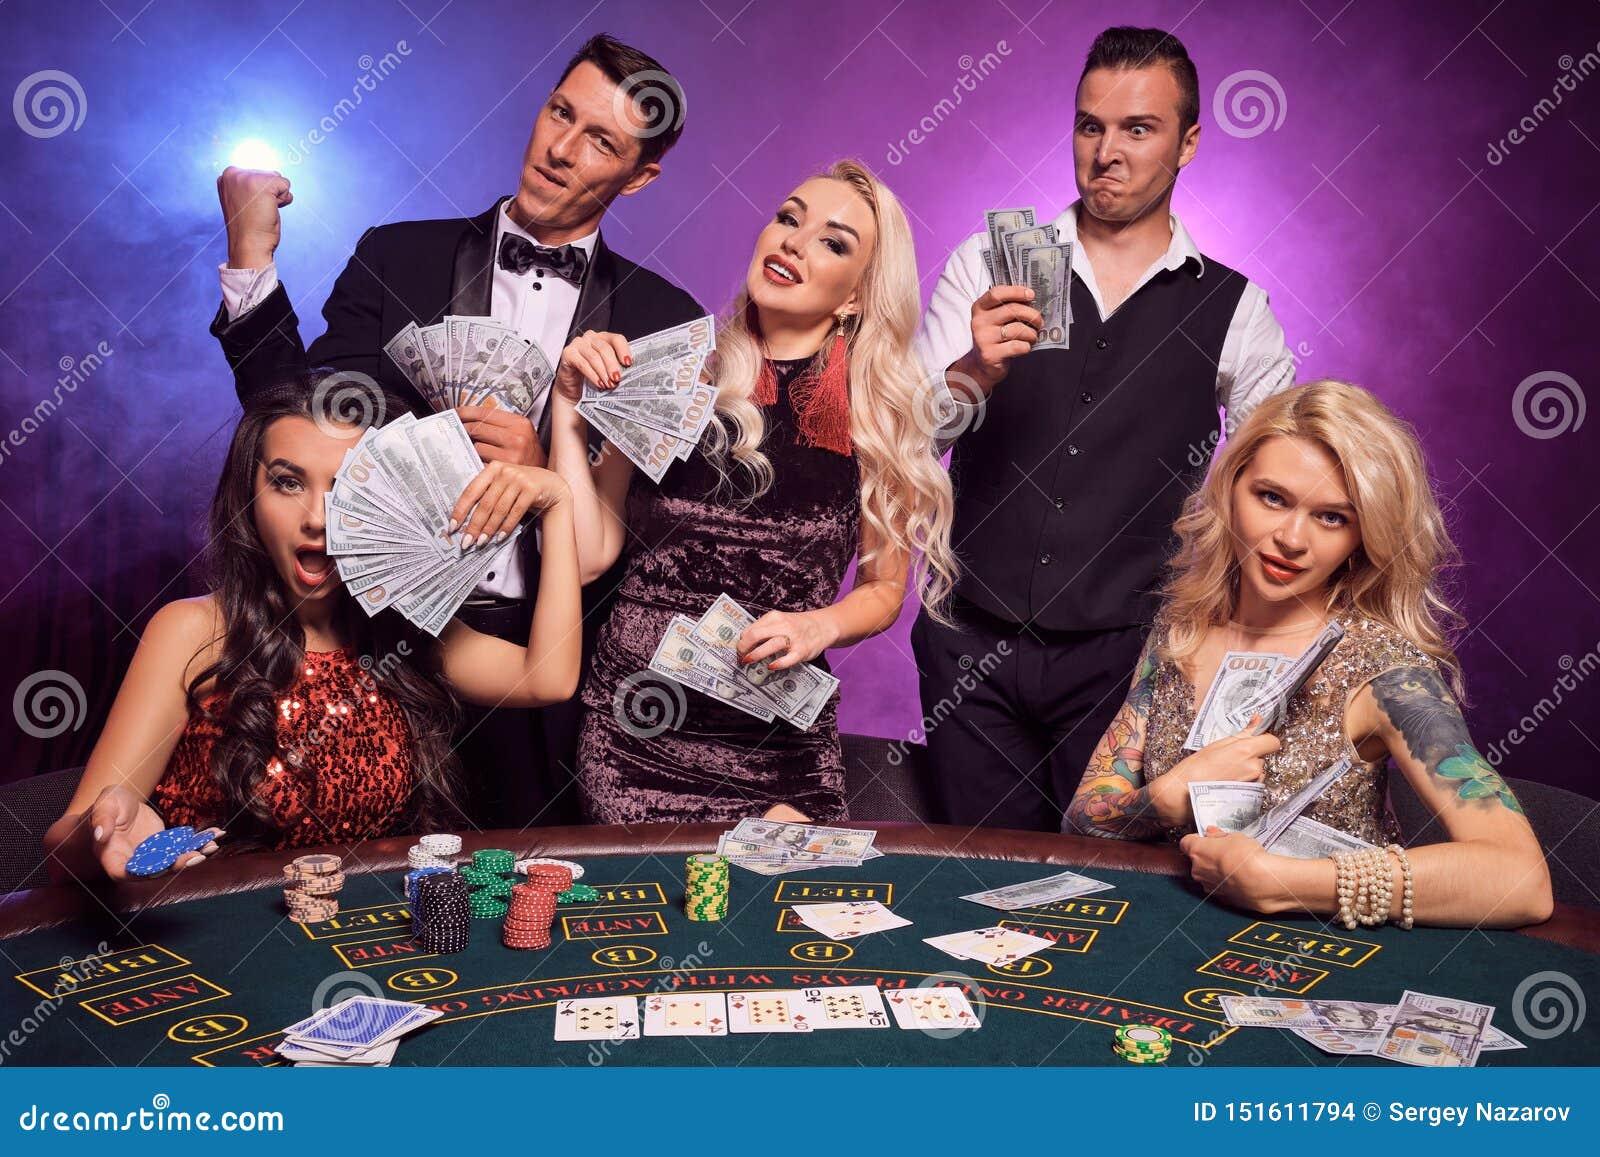 Le groupe de de jeunes amis riches jouent au poker à un casino